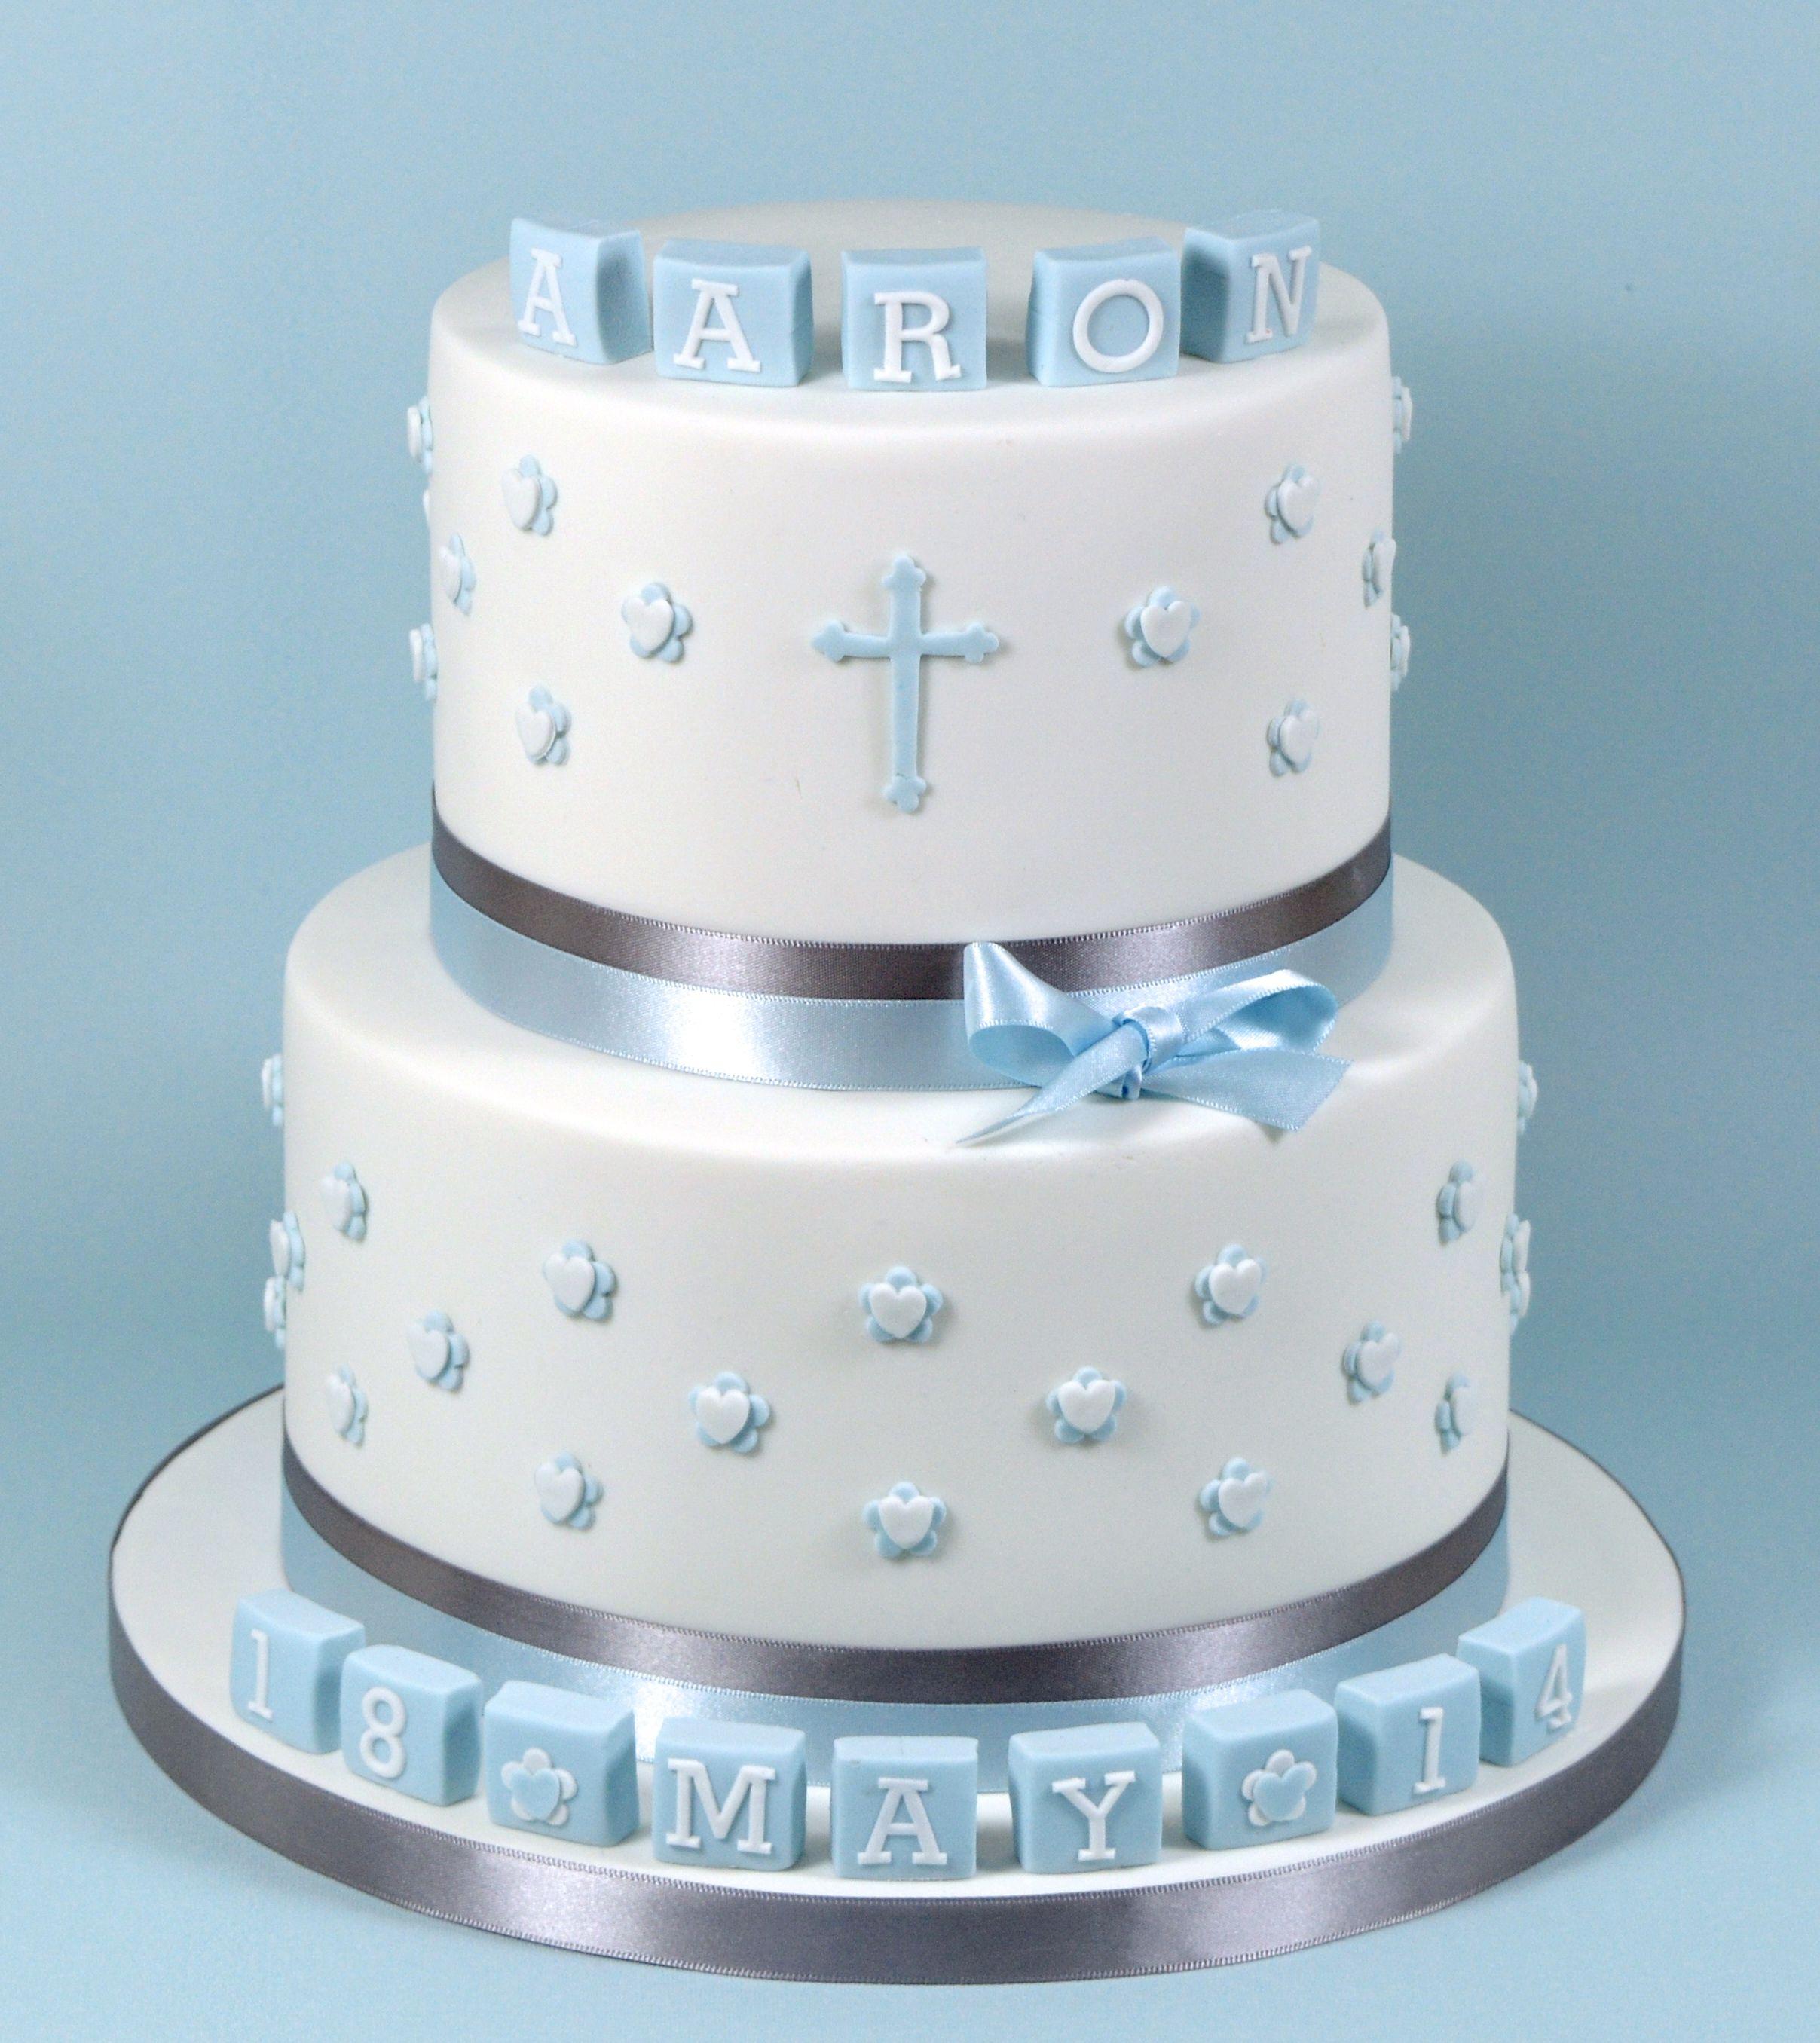 christening baptism cake 07917815712. Black Bedroom Furniture Sets. Home Design Ideas